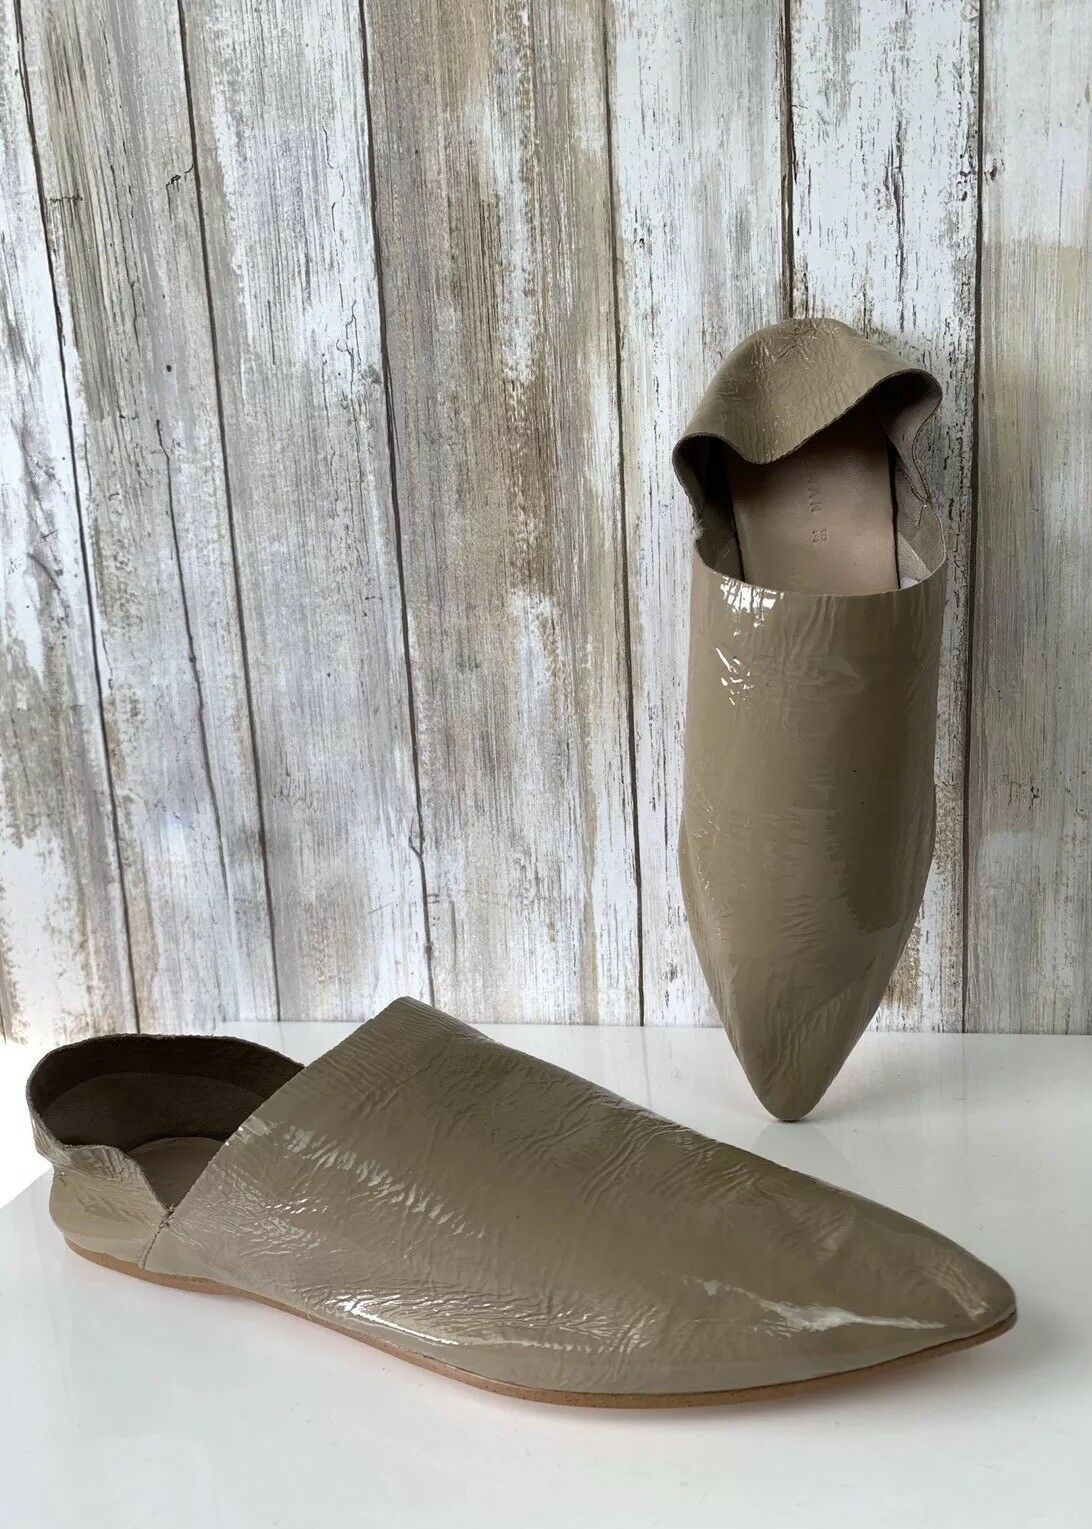 Zara Beige Marrón Topo Charol babouches diapositiva Flats zapatos 38 38 38 7.5 SS18 Blogger  solo para ti